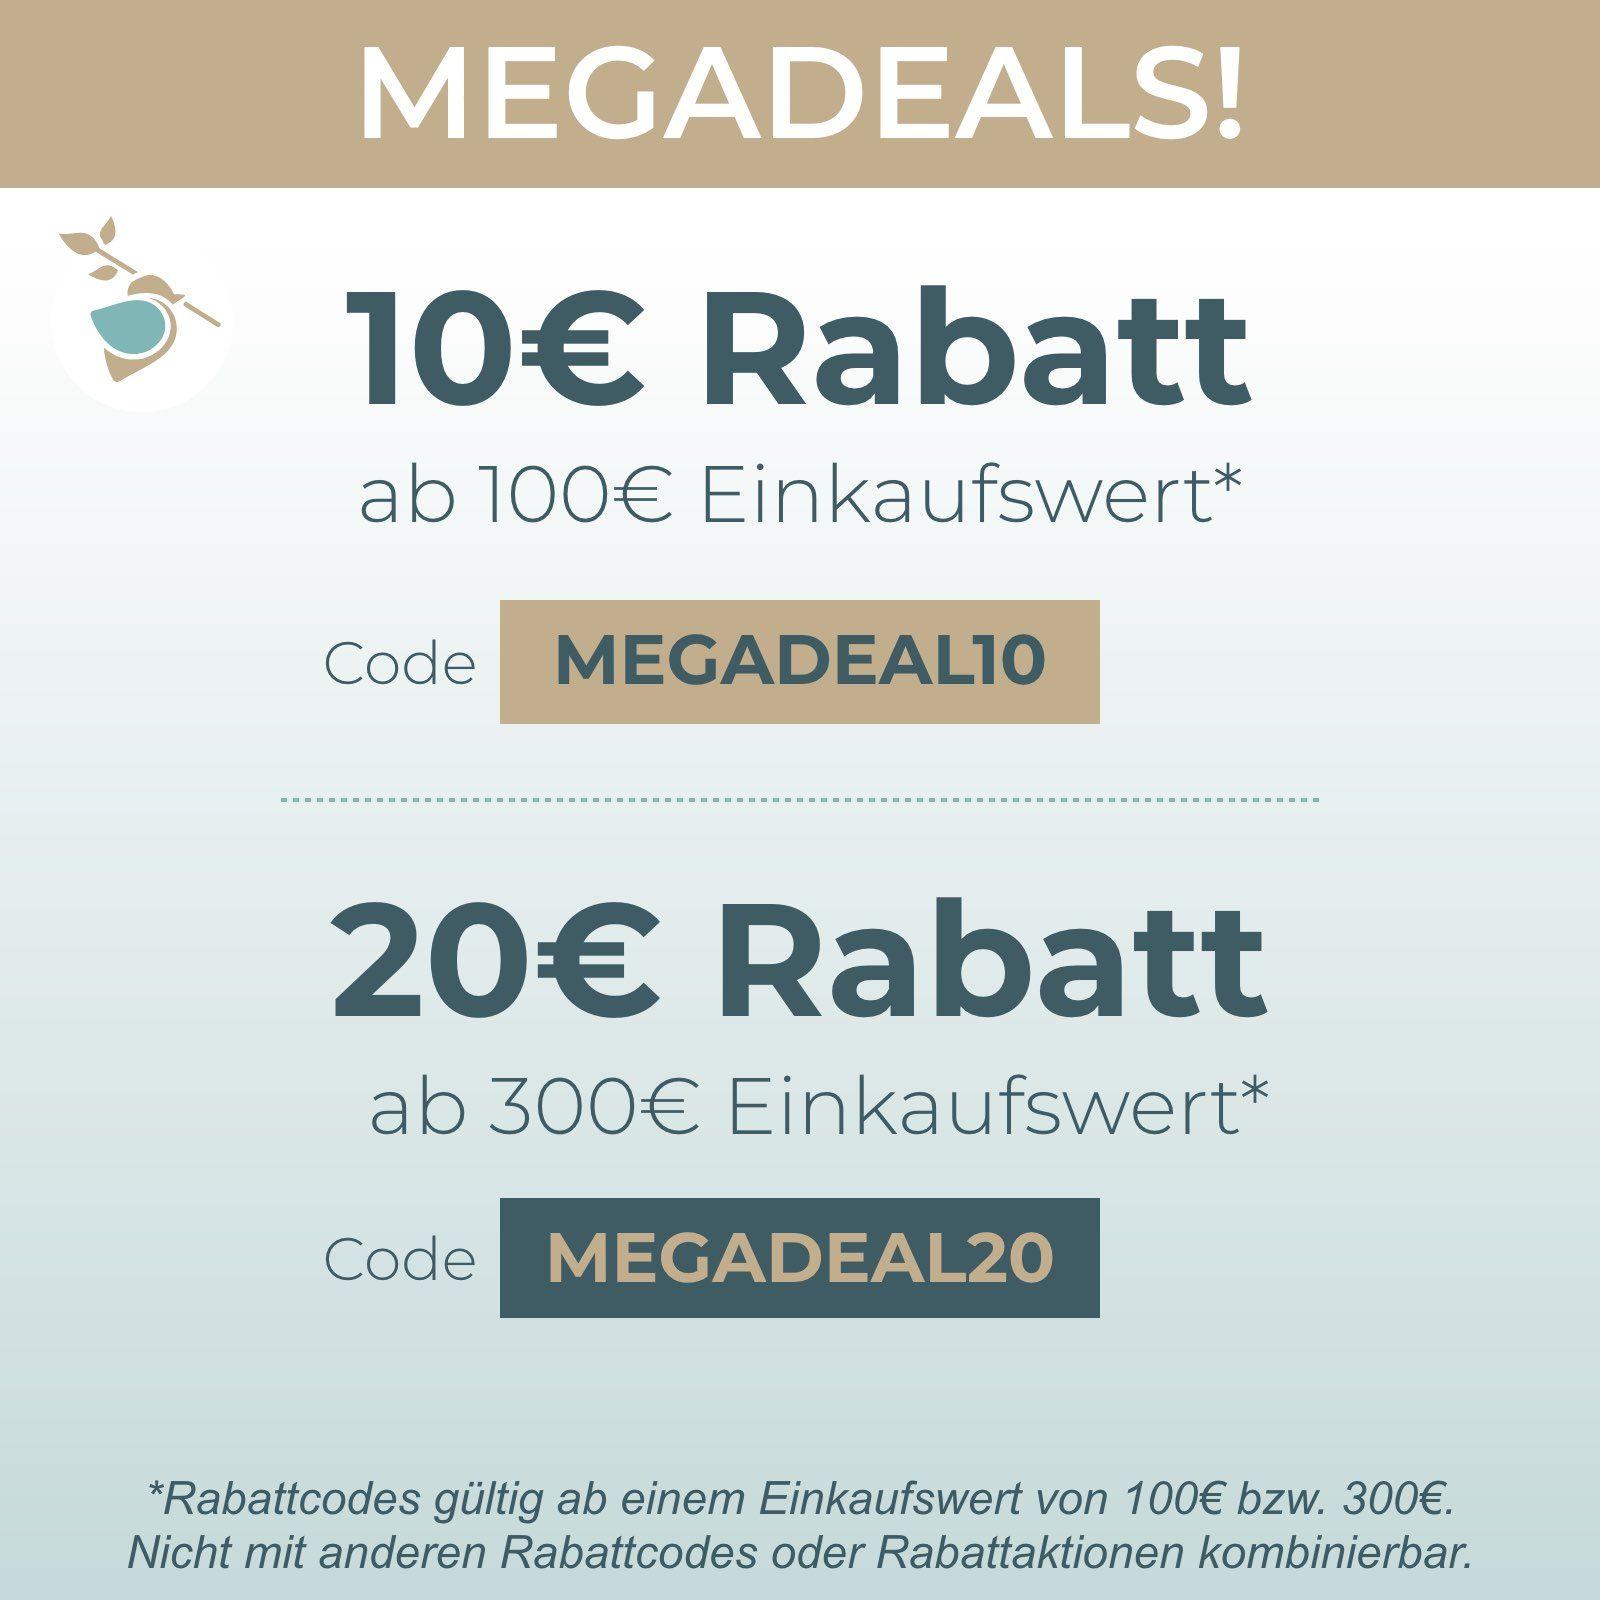 MEGADEAL10